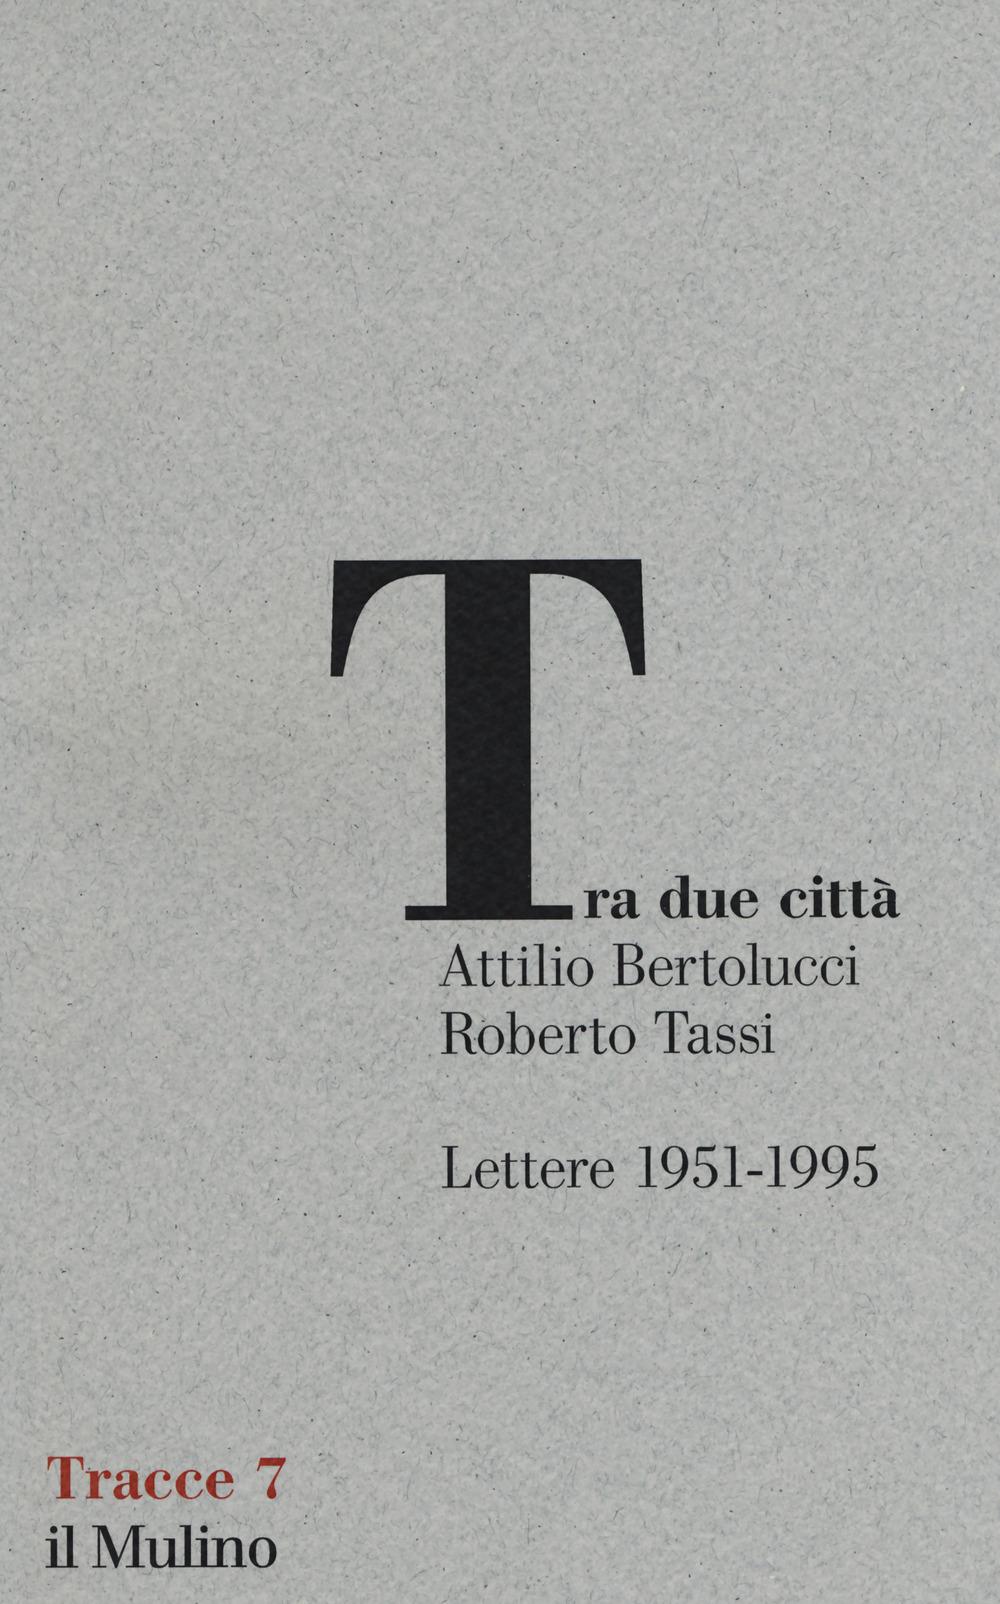 TRA DUE CITTÀ. LETTERE 1951-1995